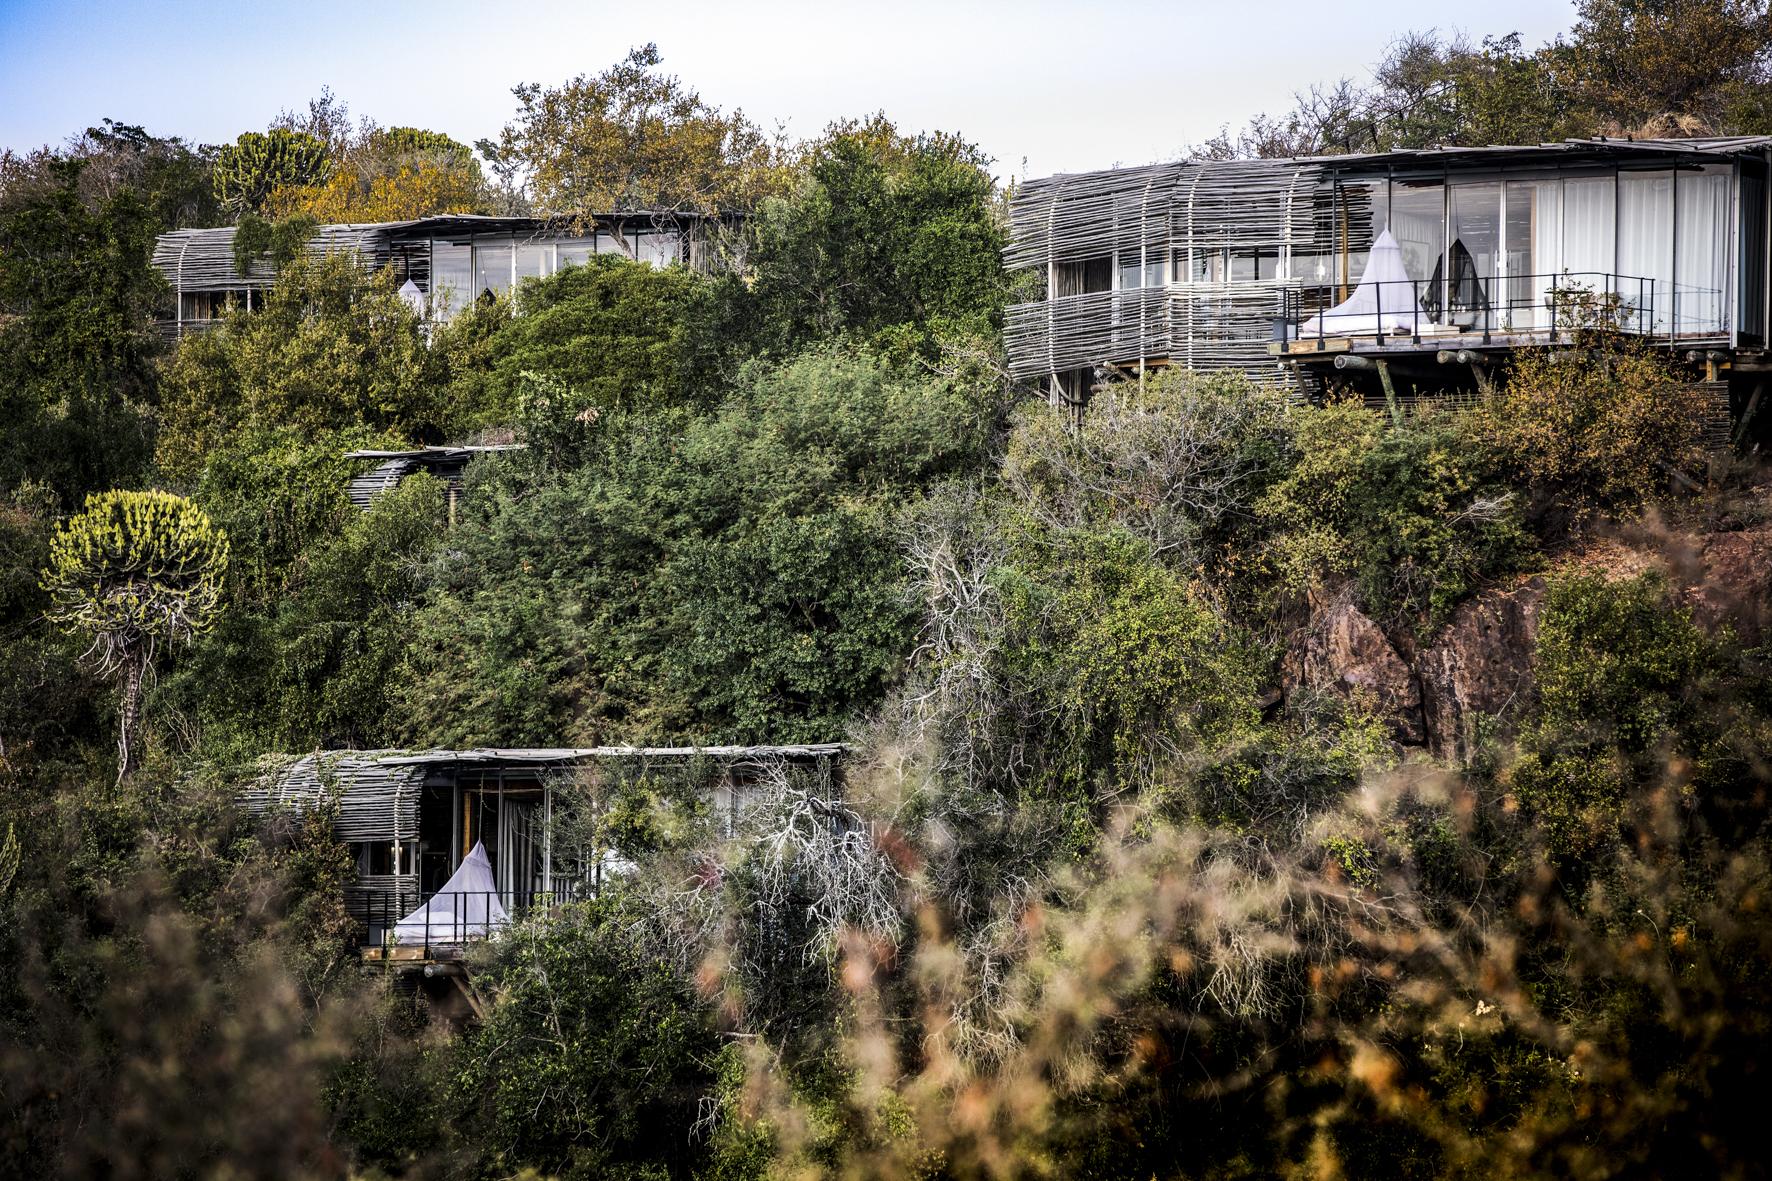 Singita-Lebombo-Lodge-Suites-Exterior-2.jpg